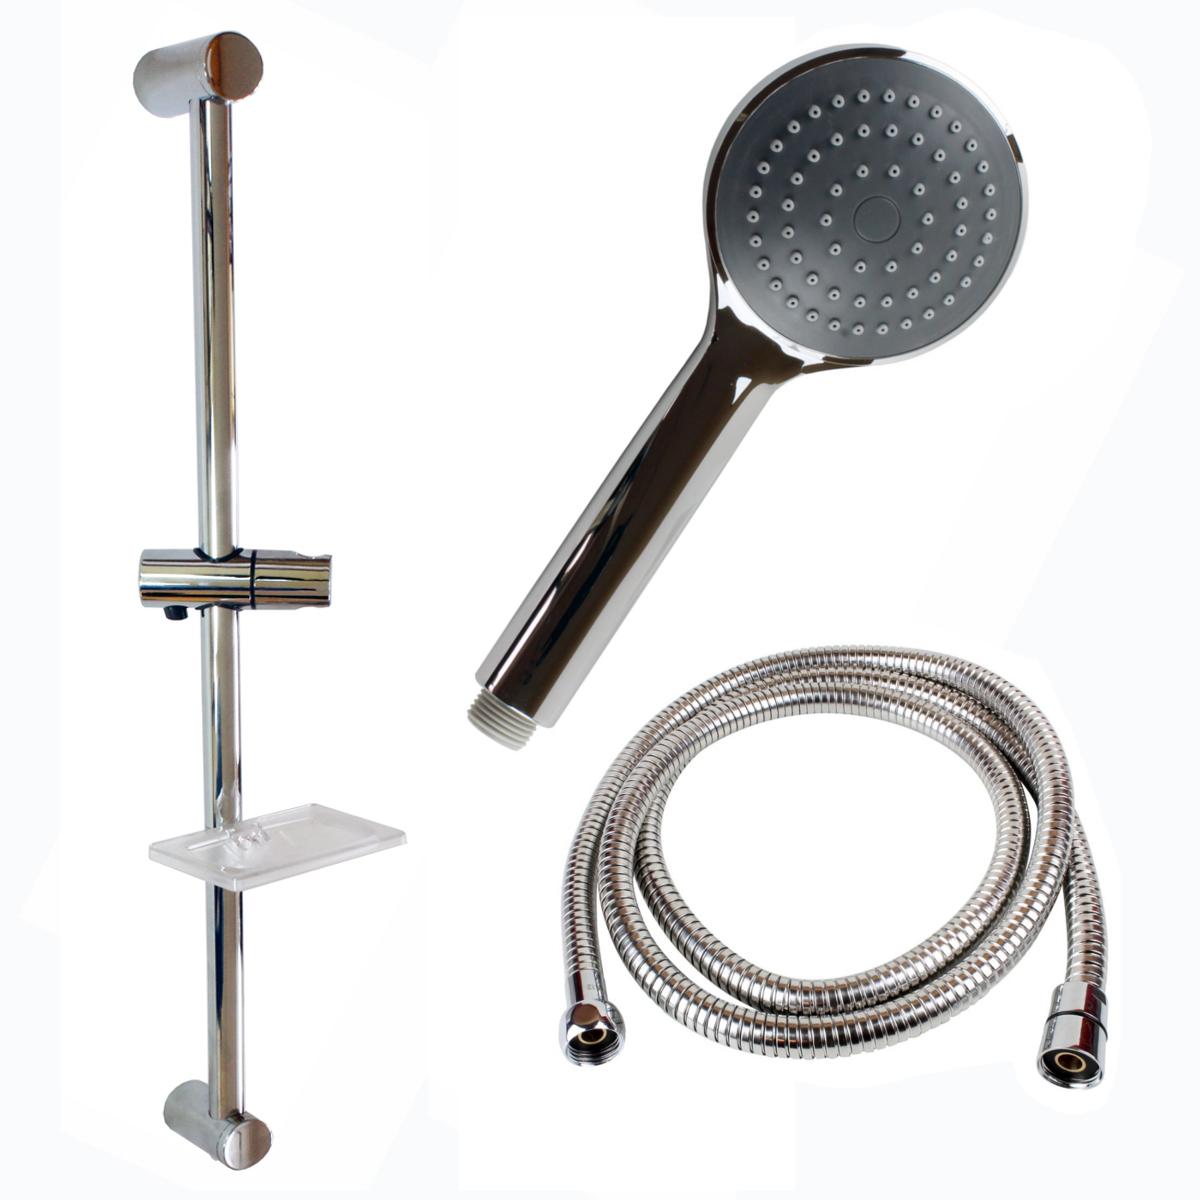 Dusche Brausehalter : -Stange mit Brausehalter und Seifenschale Handbrause Dusche eBay